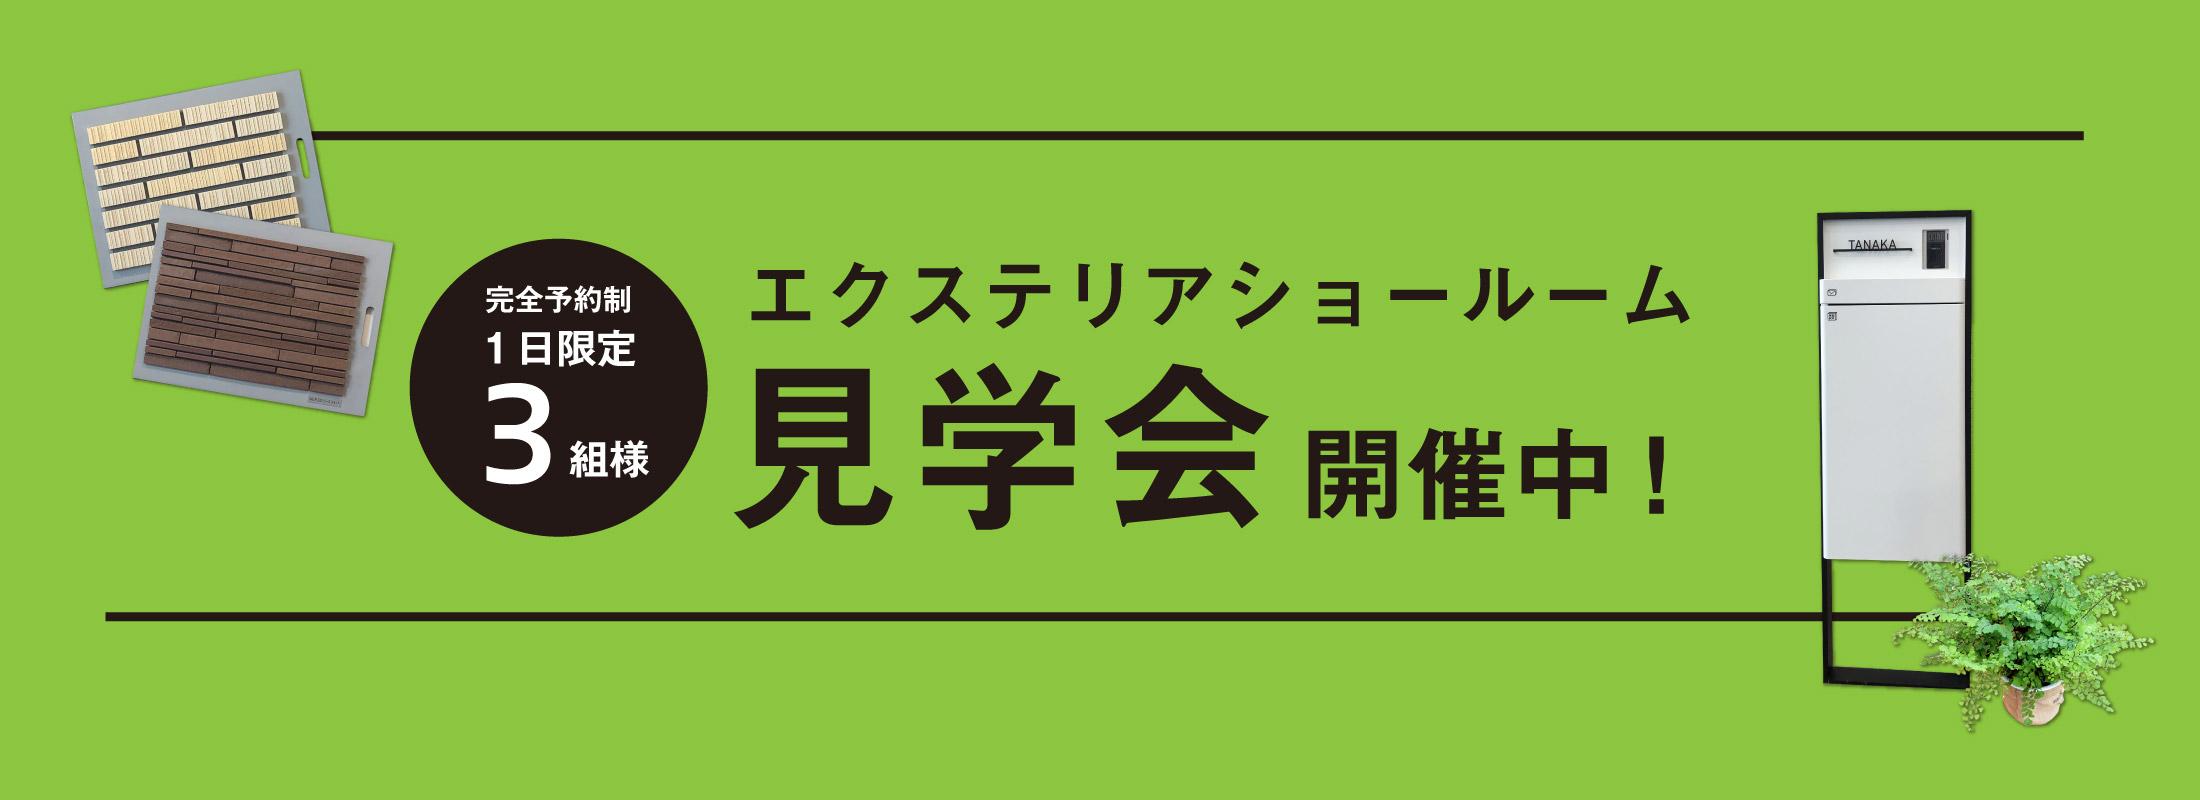 福岡_外構ショールーム見学会